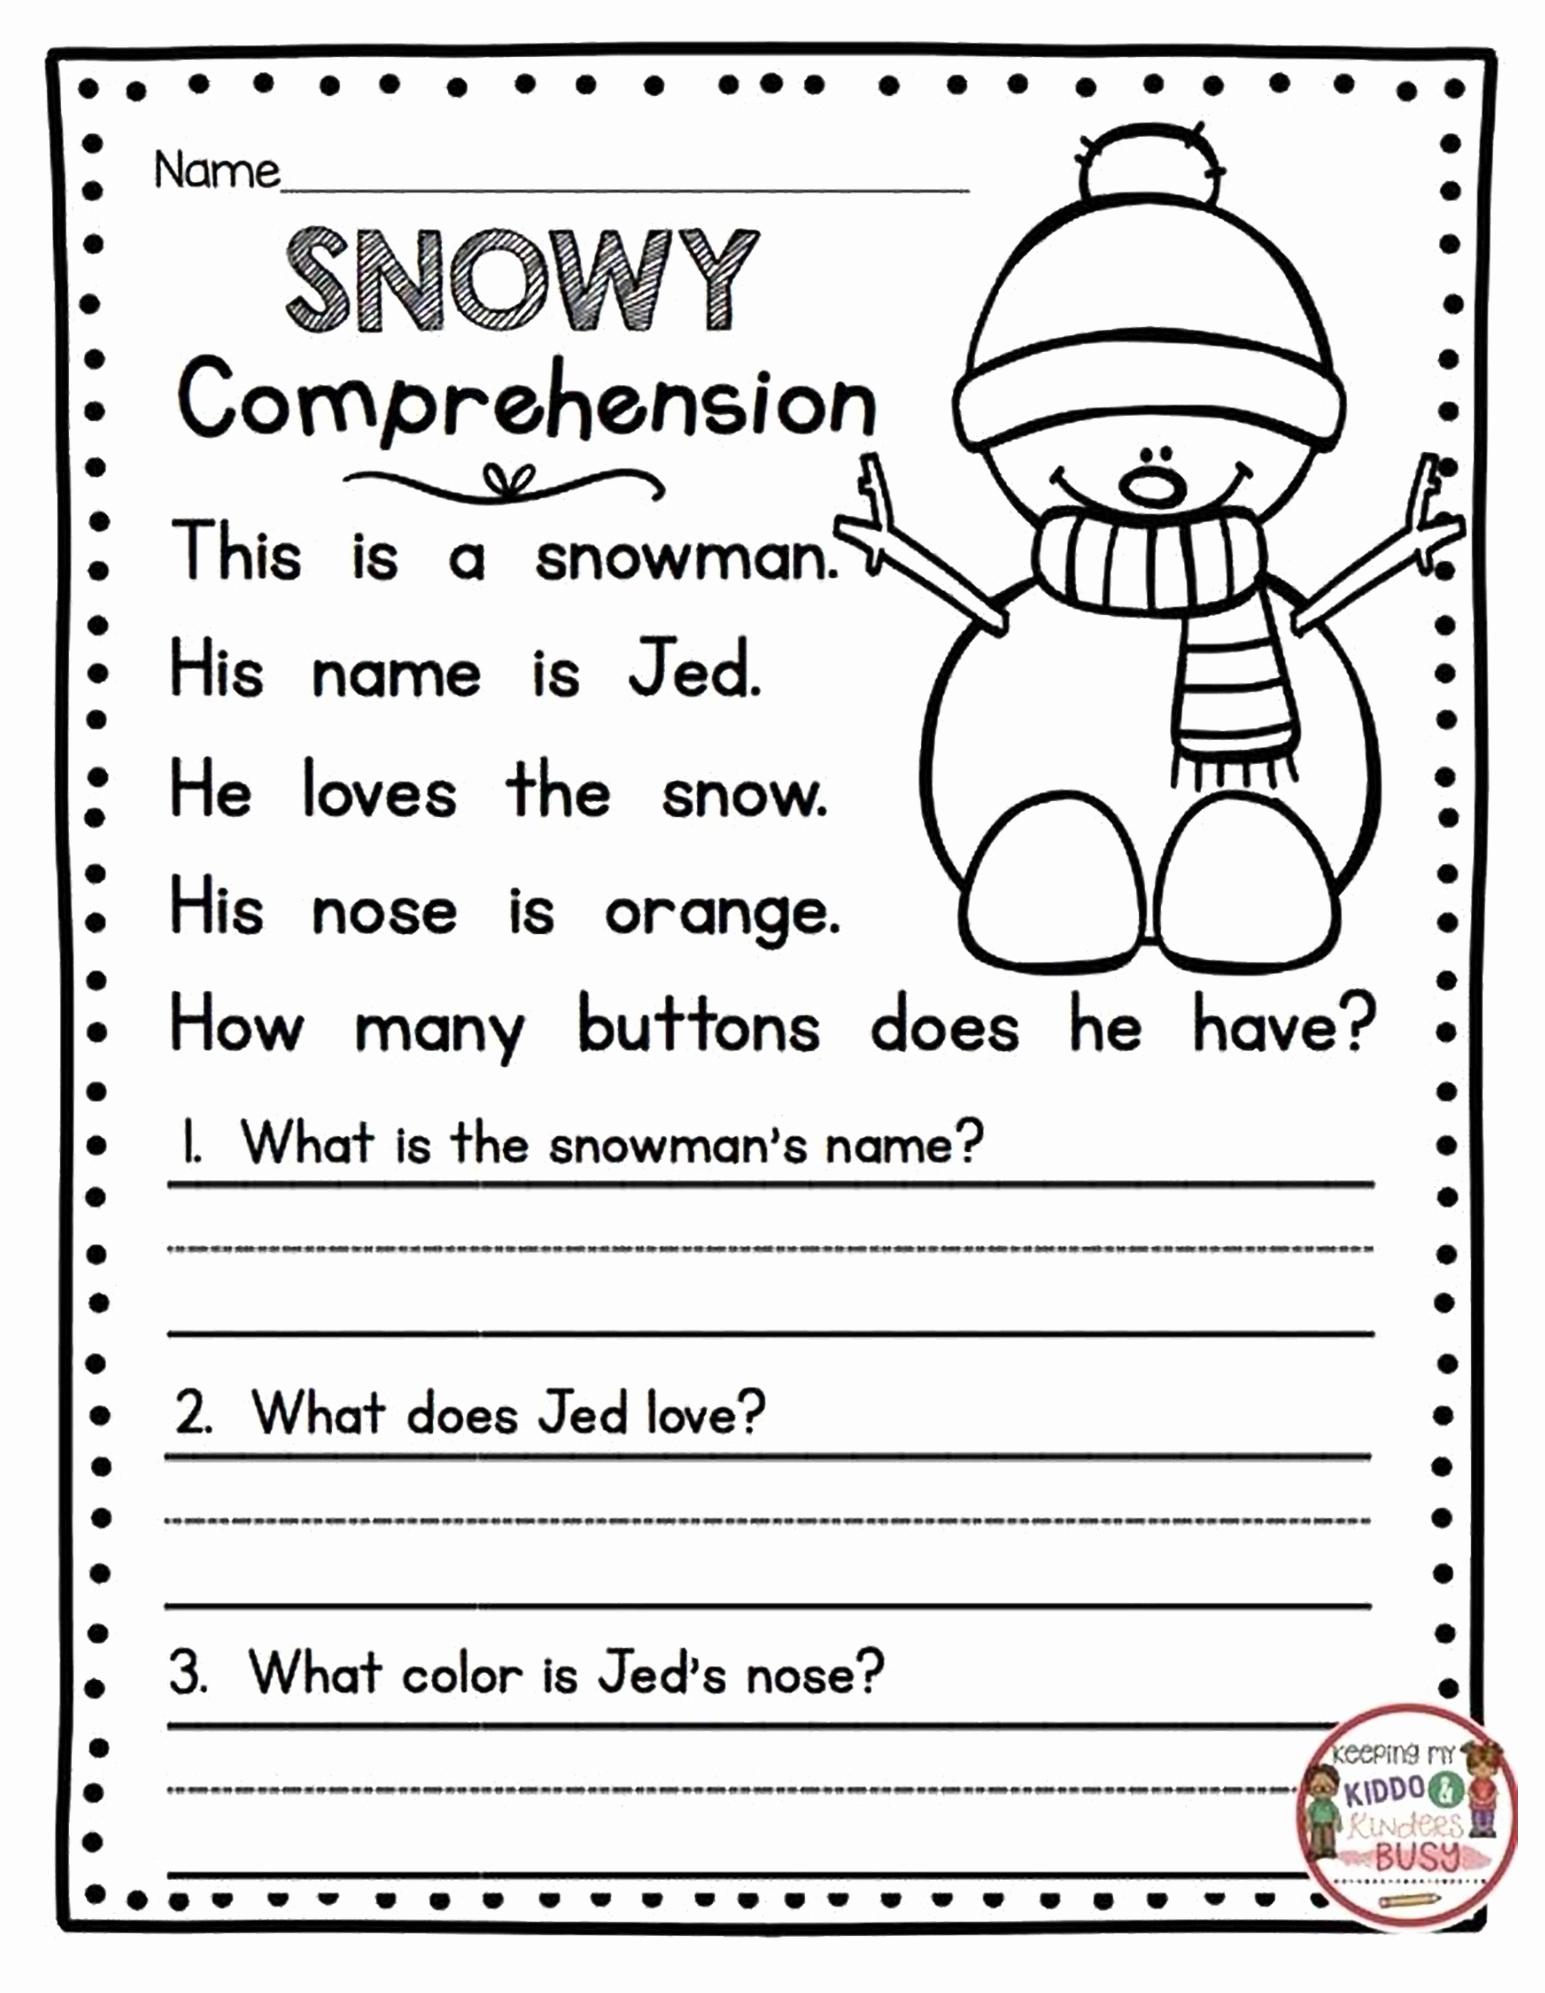 Comprehension Worksheet First Grade Unique 1st Grade Reading Prehension Worksheets Printable Pdf